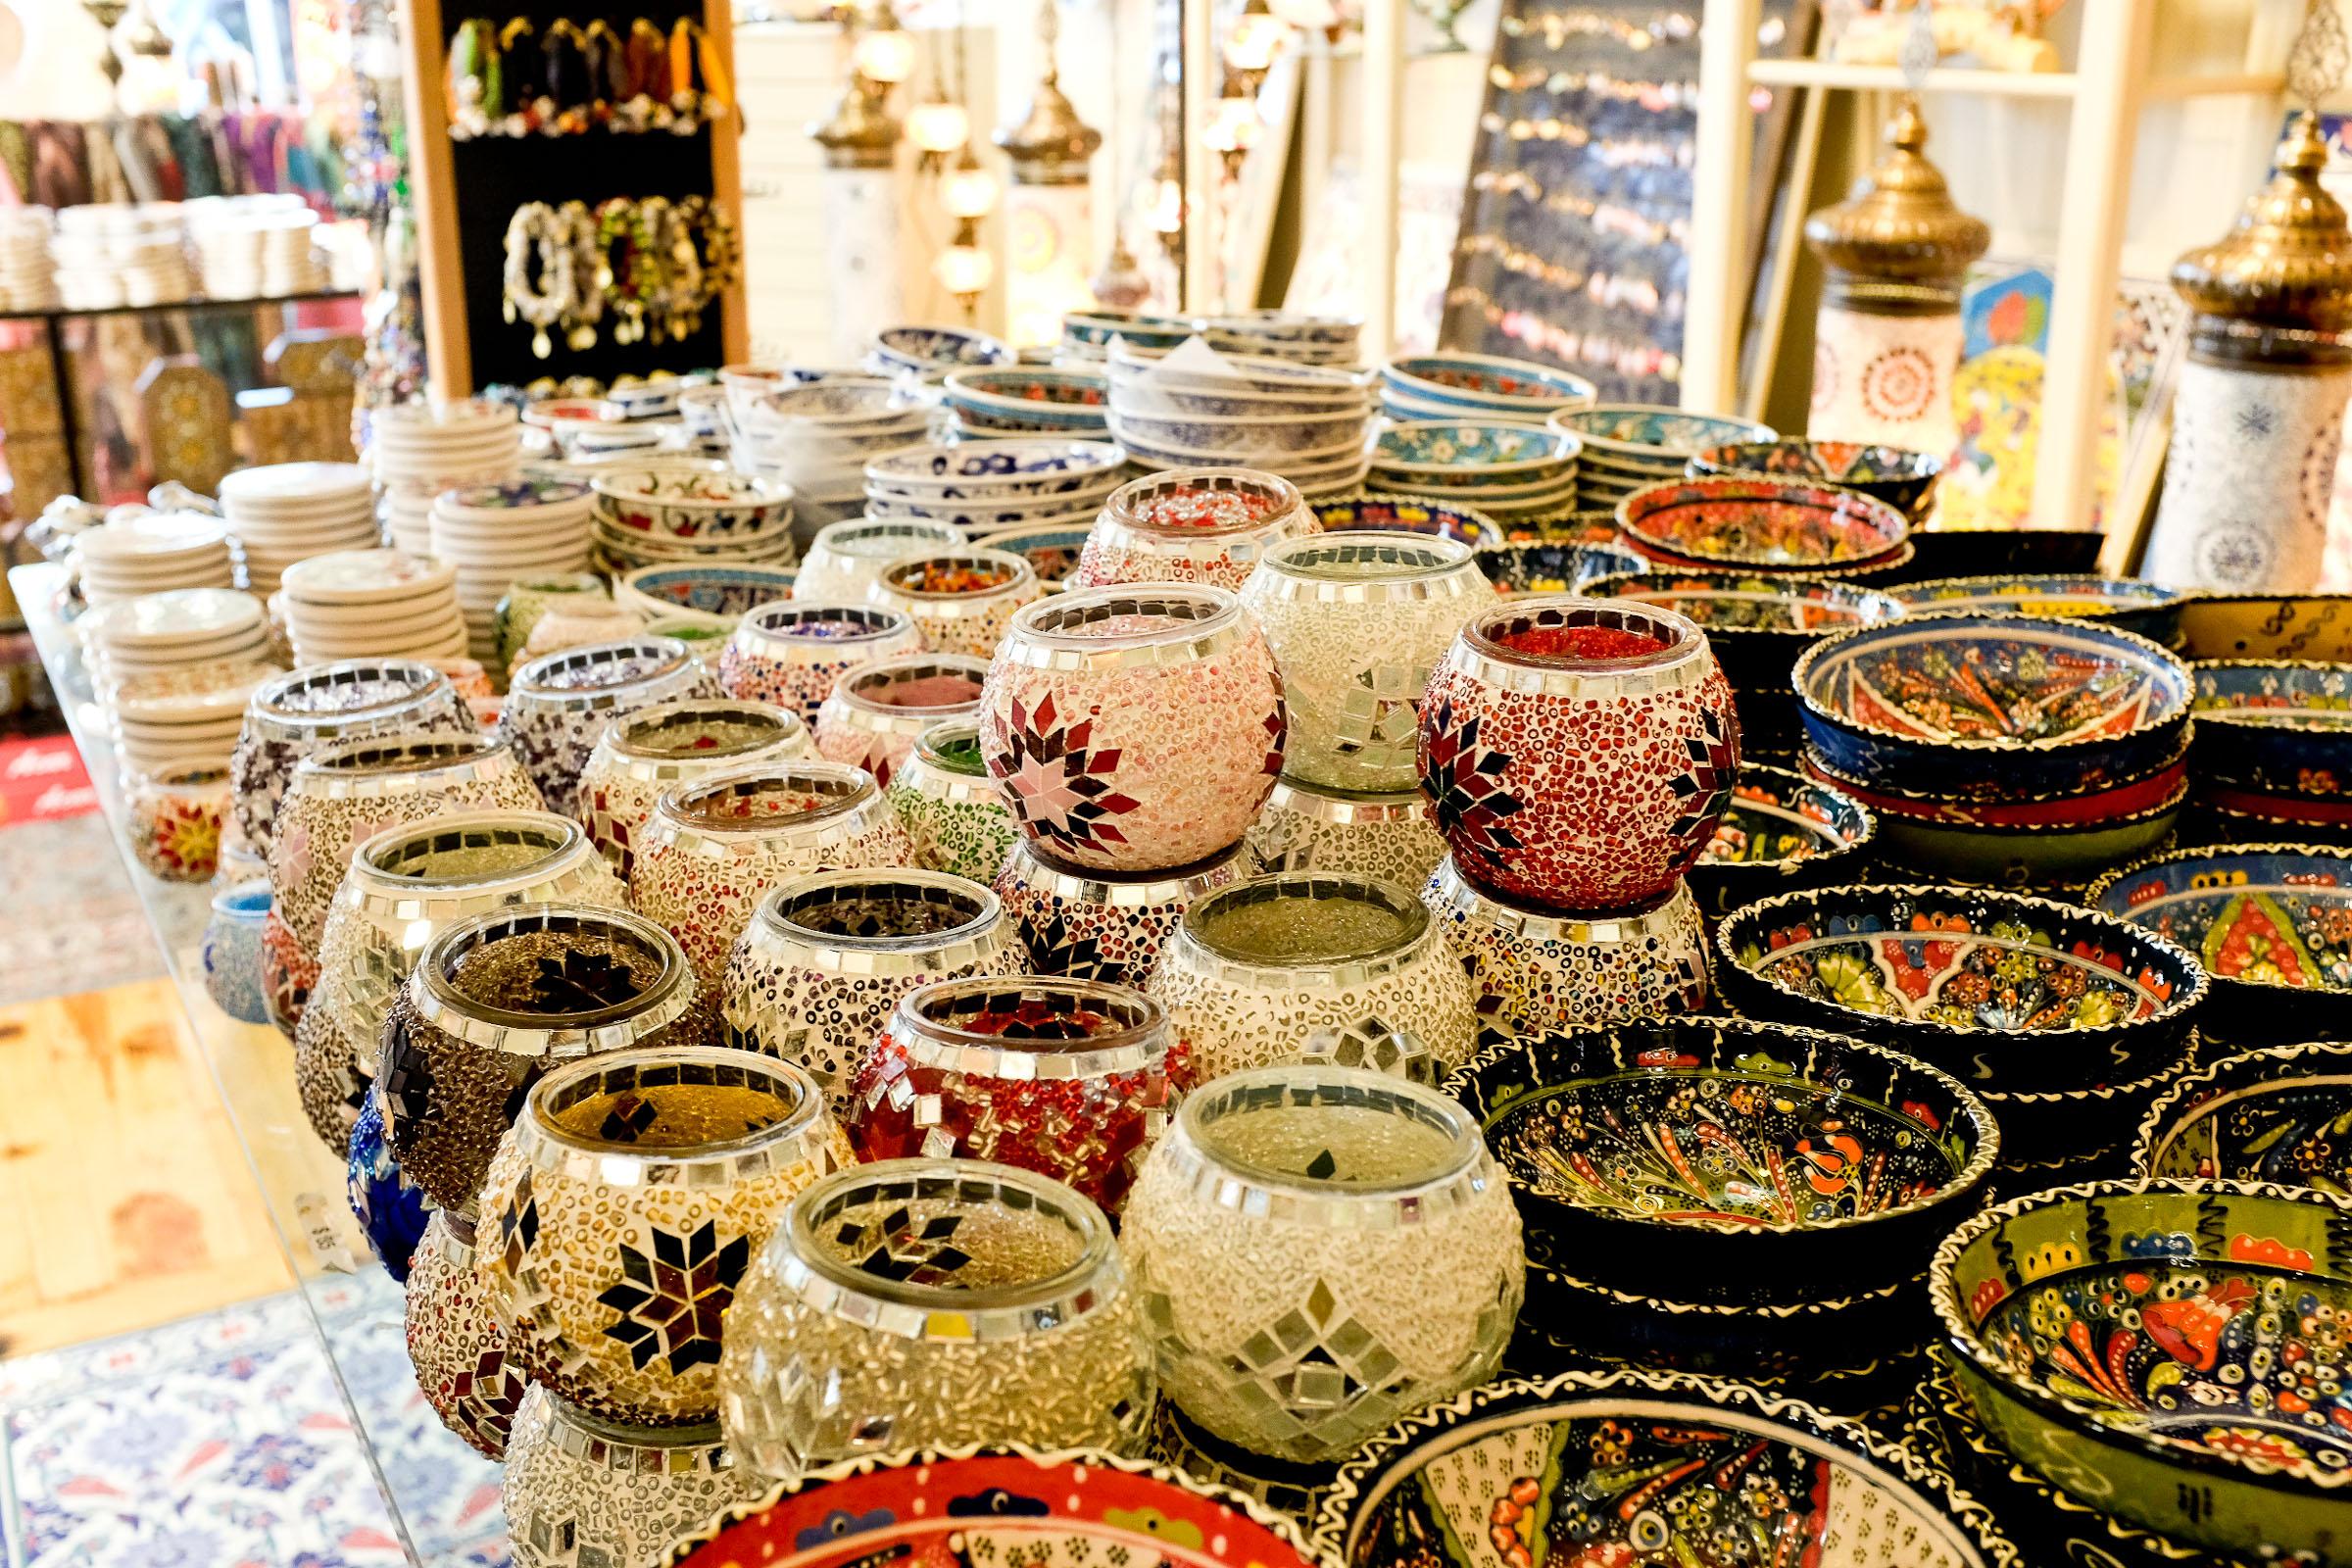 Gorgeous handicrafts from Turkey!